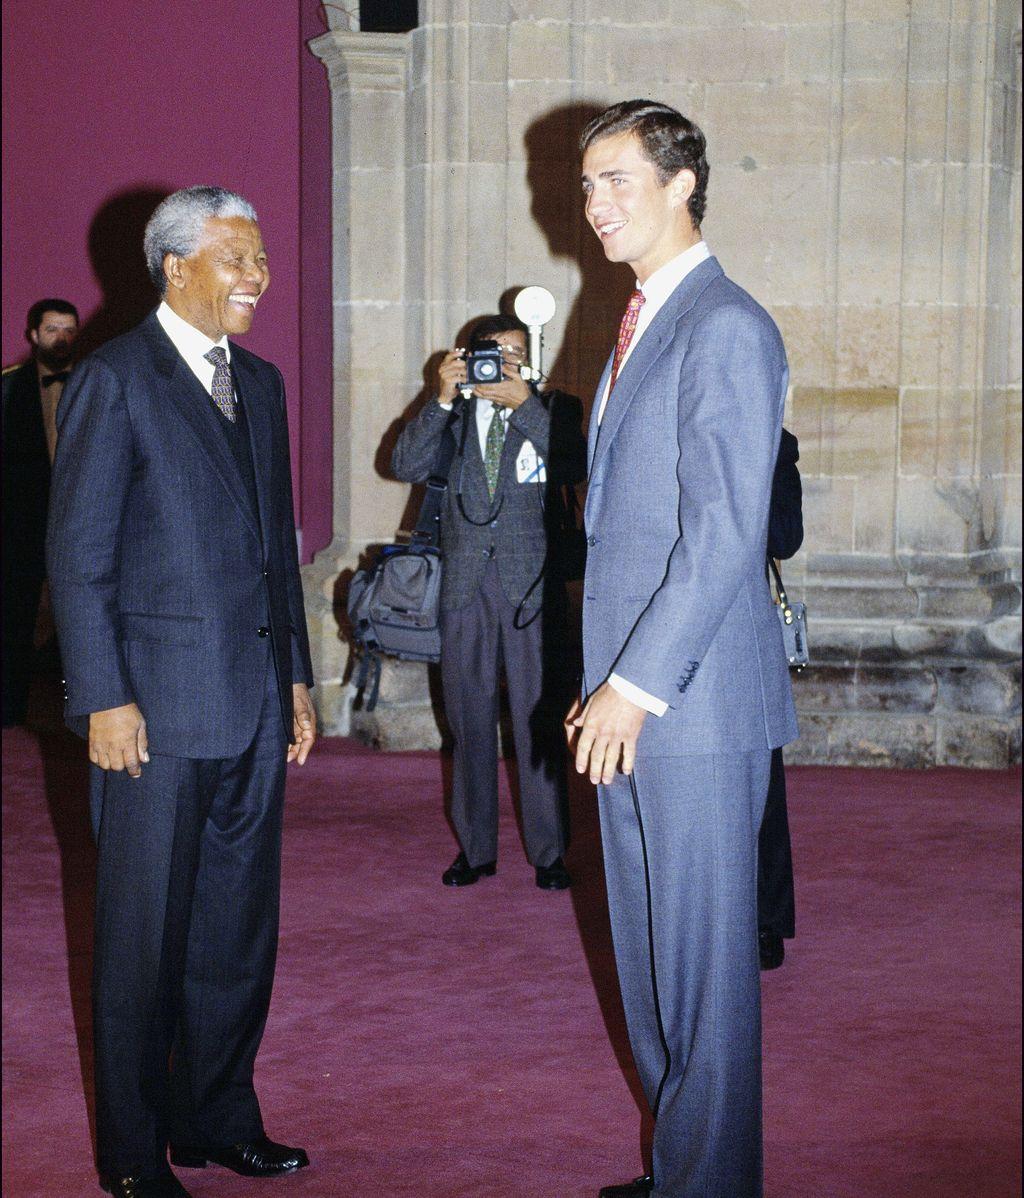 Recibió numerosos premios, entre ellos el Príncipe de Asturias en 1992